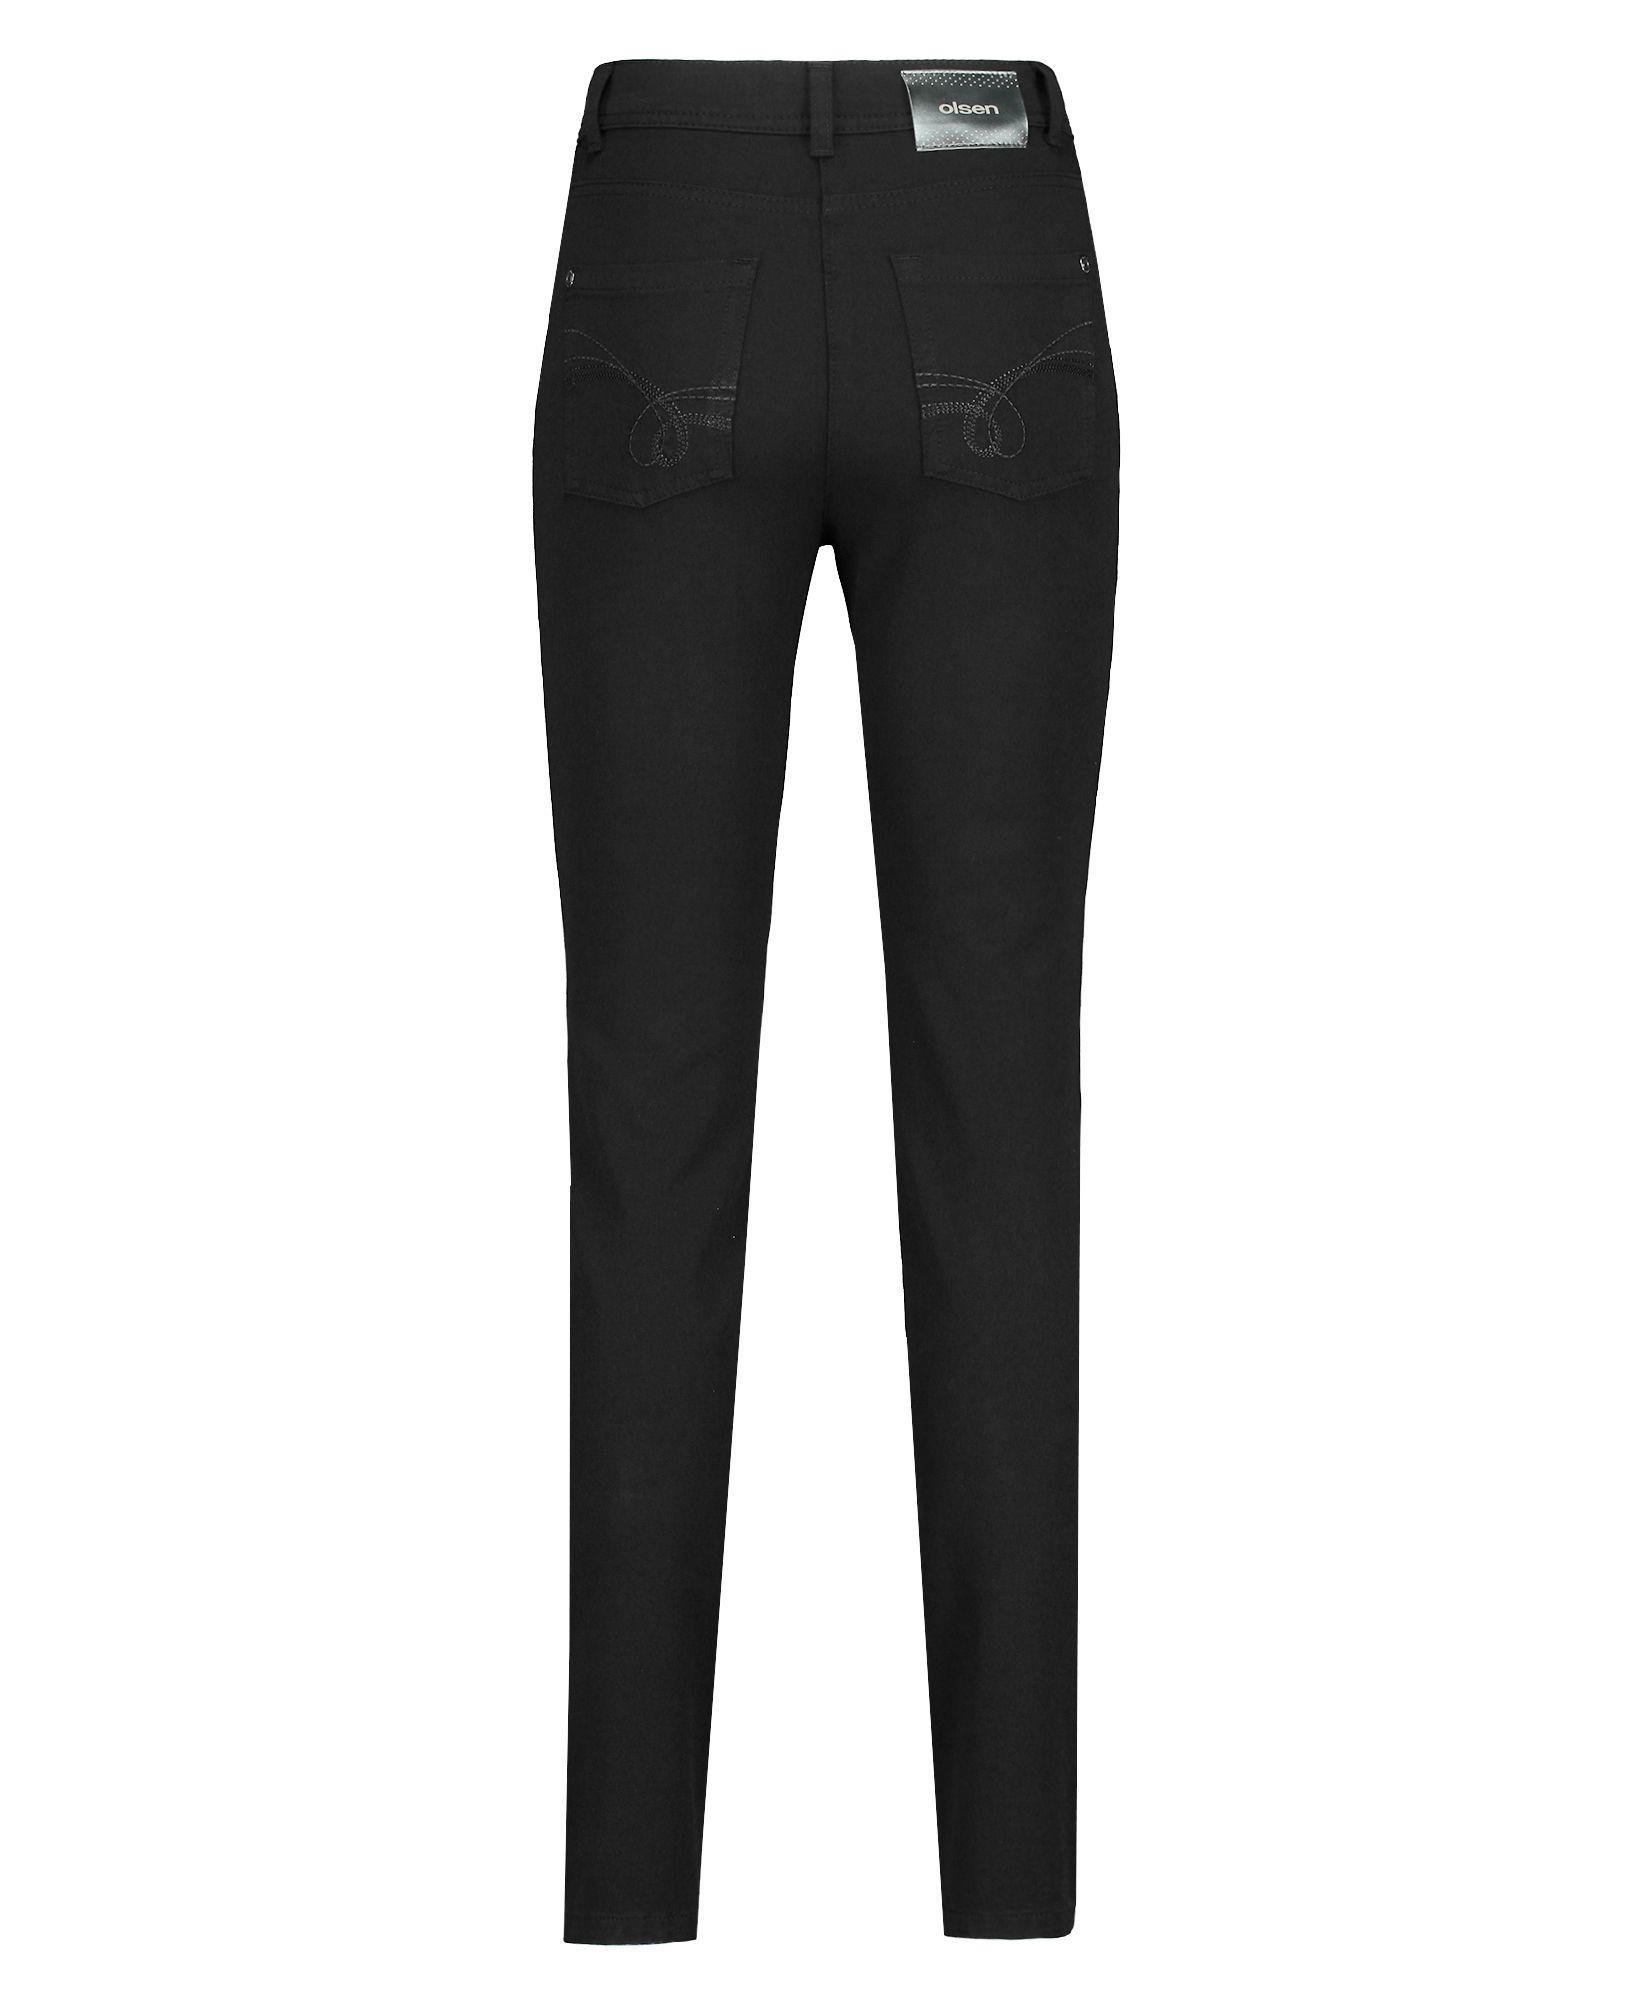 Olsen Denim Skinny Mona Jeans in Black